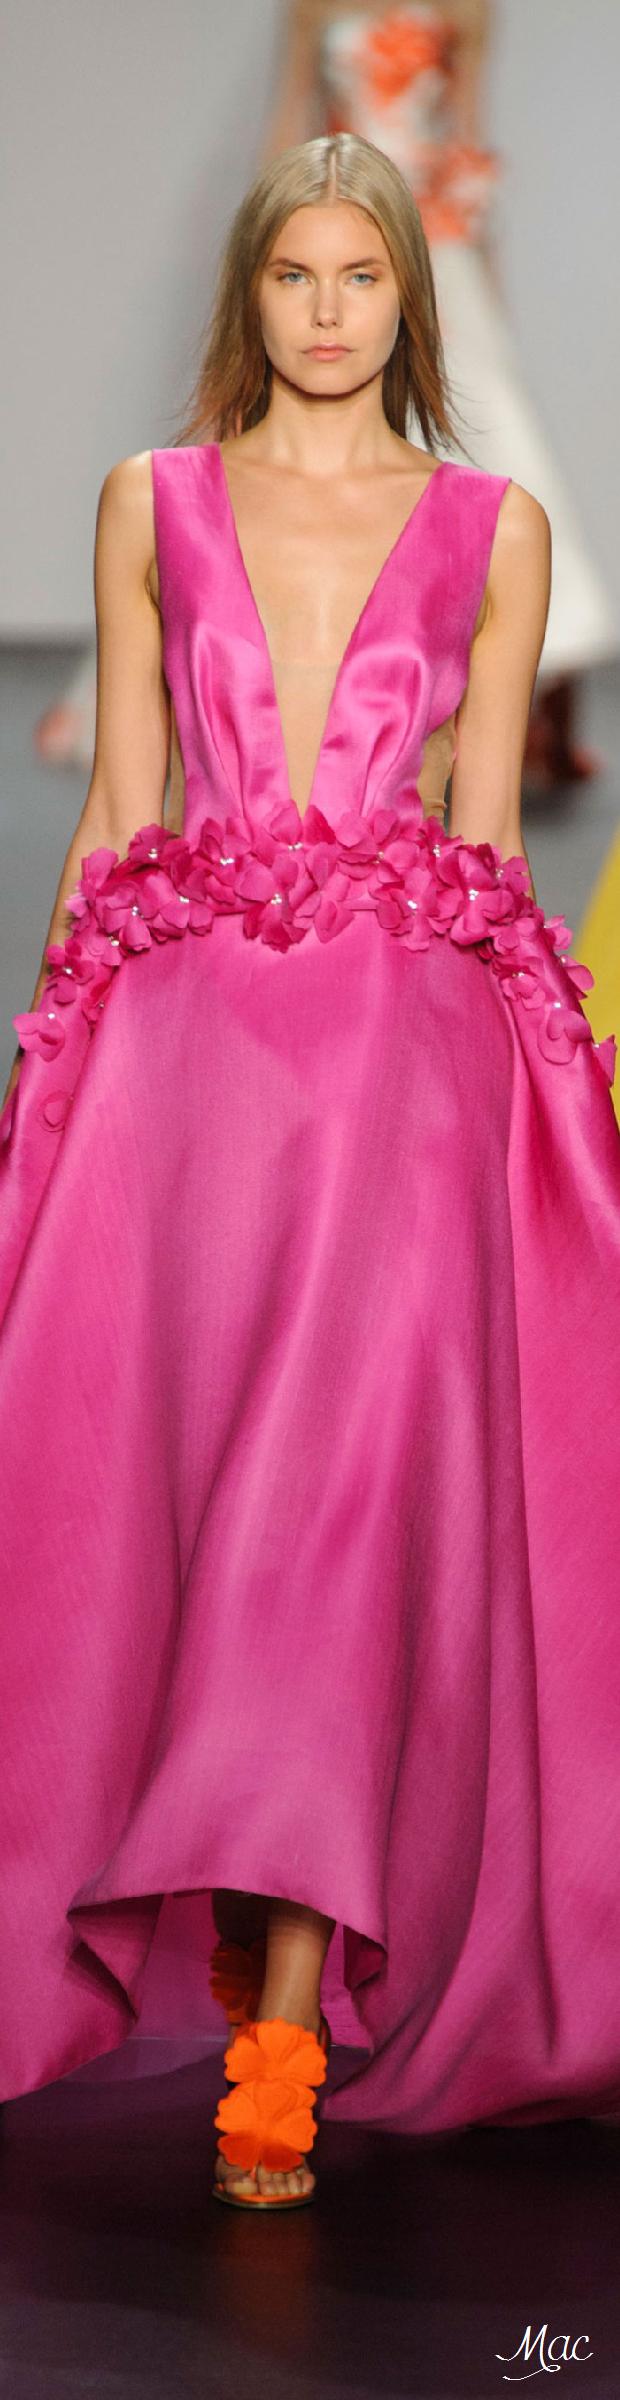 Encantador Los Precios De Los Vestidos De Boda Marquesa Modelo ...